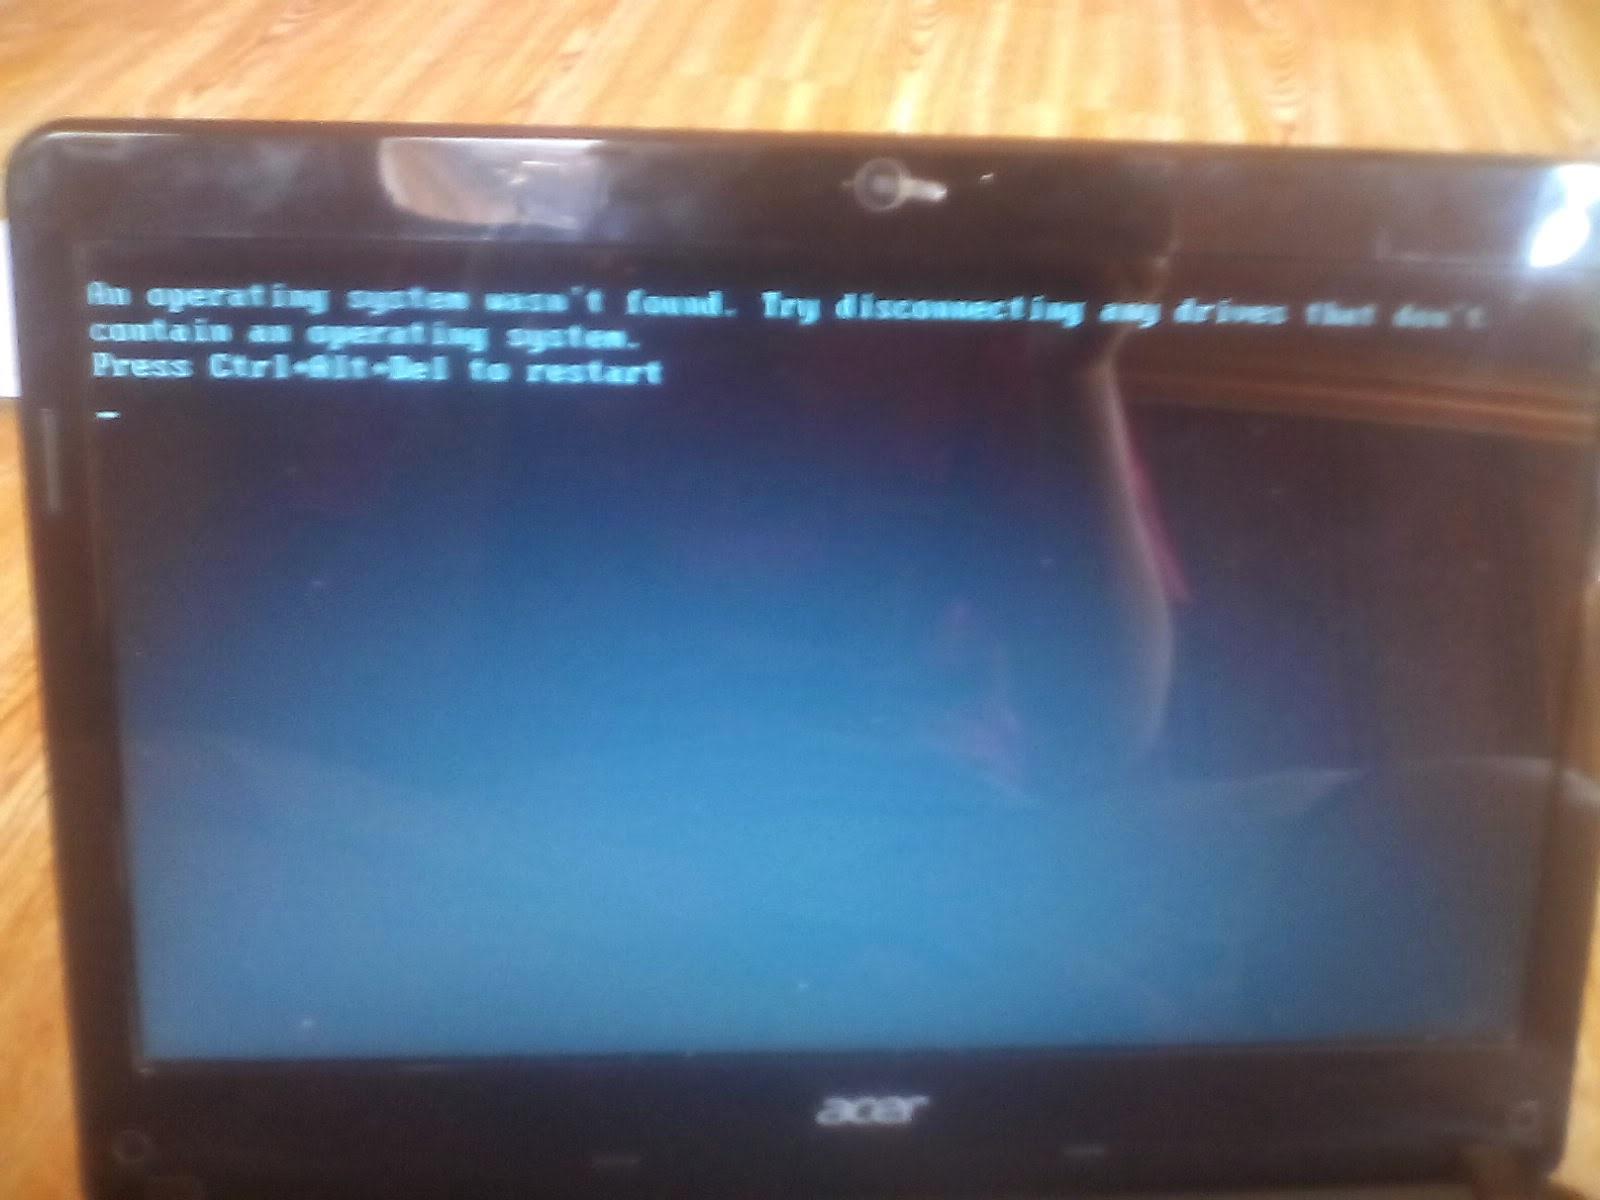 Cara Mengatasi An Operating System Wasn't Found